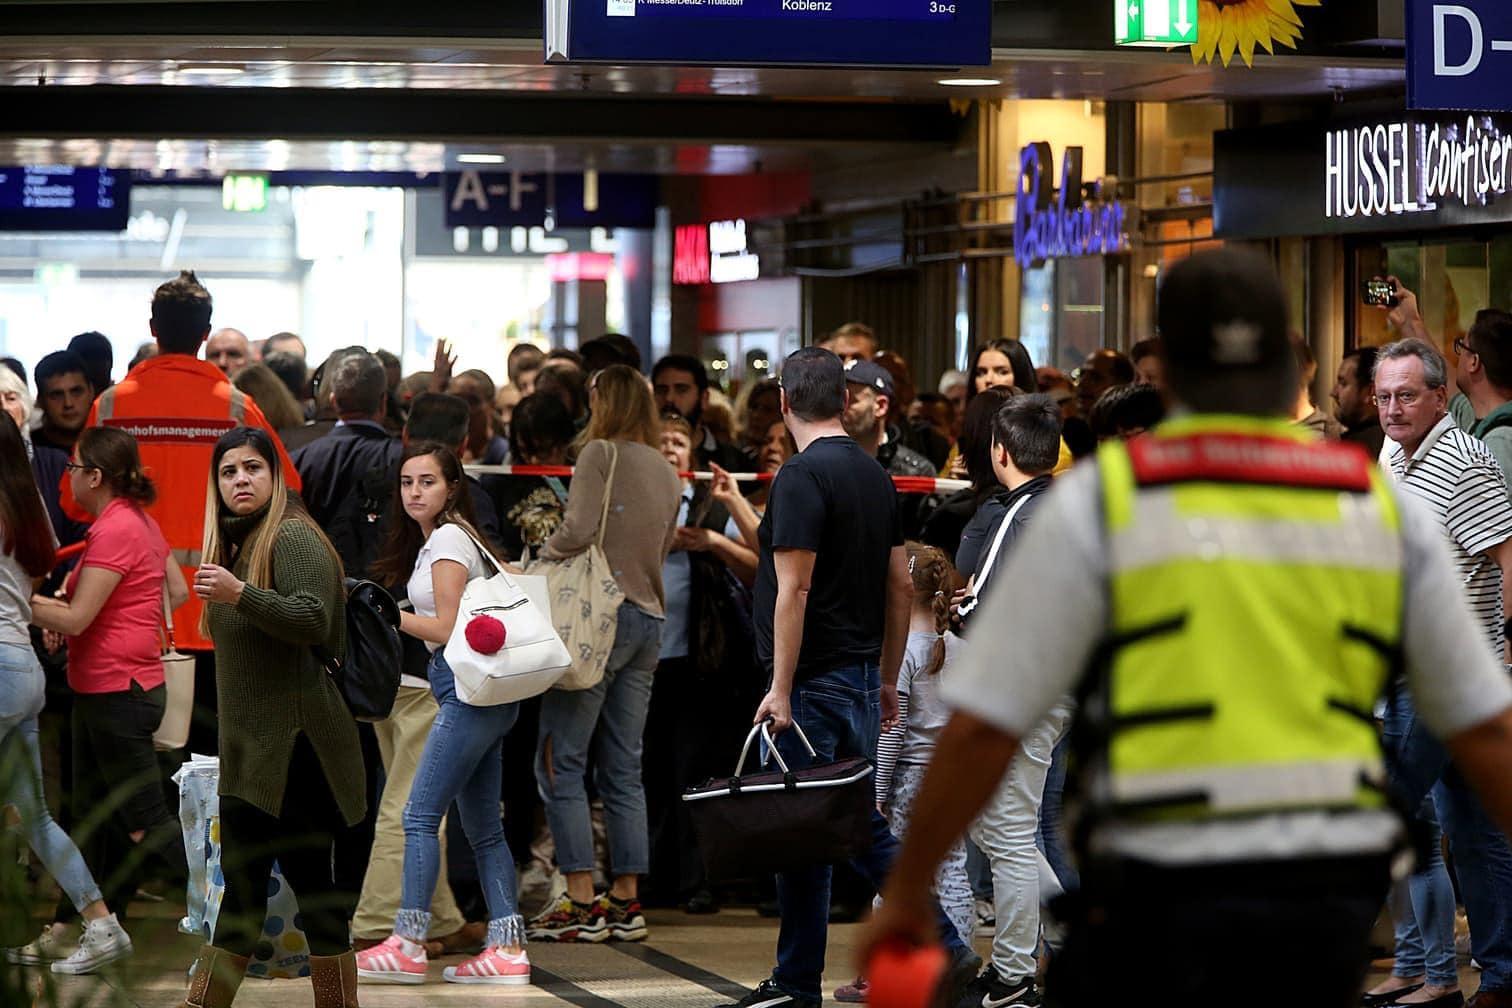 <p>Die Polizei ist am Montagmittag wegen einer Geiselnahme in einer Apotheke zu einem Großeinsatz am Kölner Hauptbahnhof ausgerückt.</p> Foto: dpa/Oliver Berg